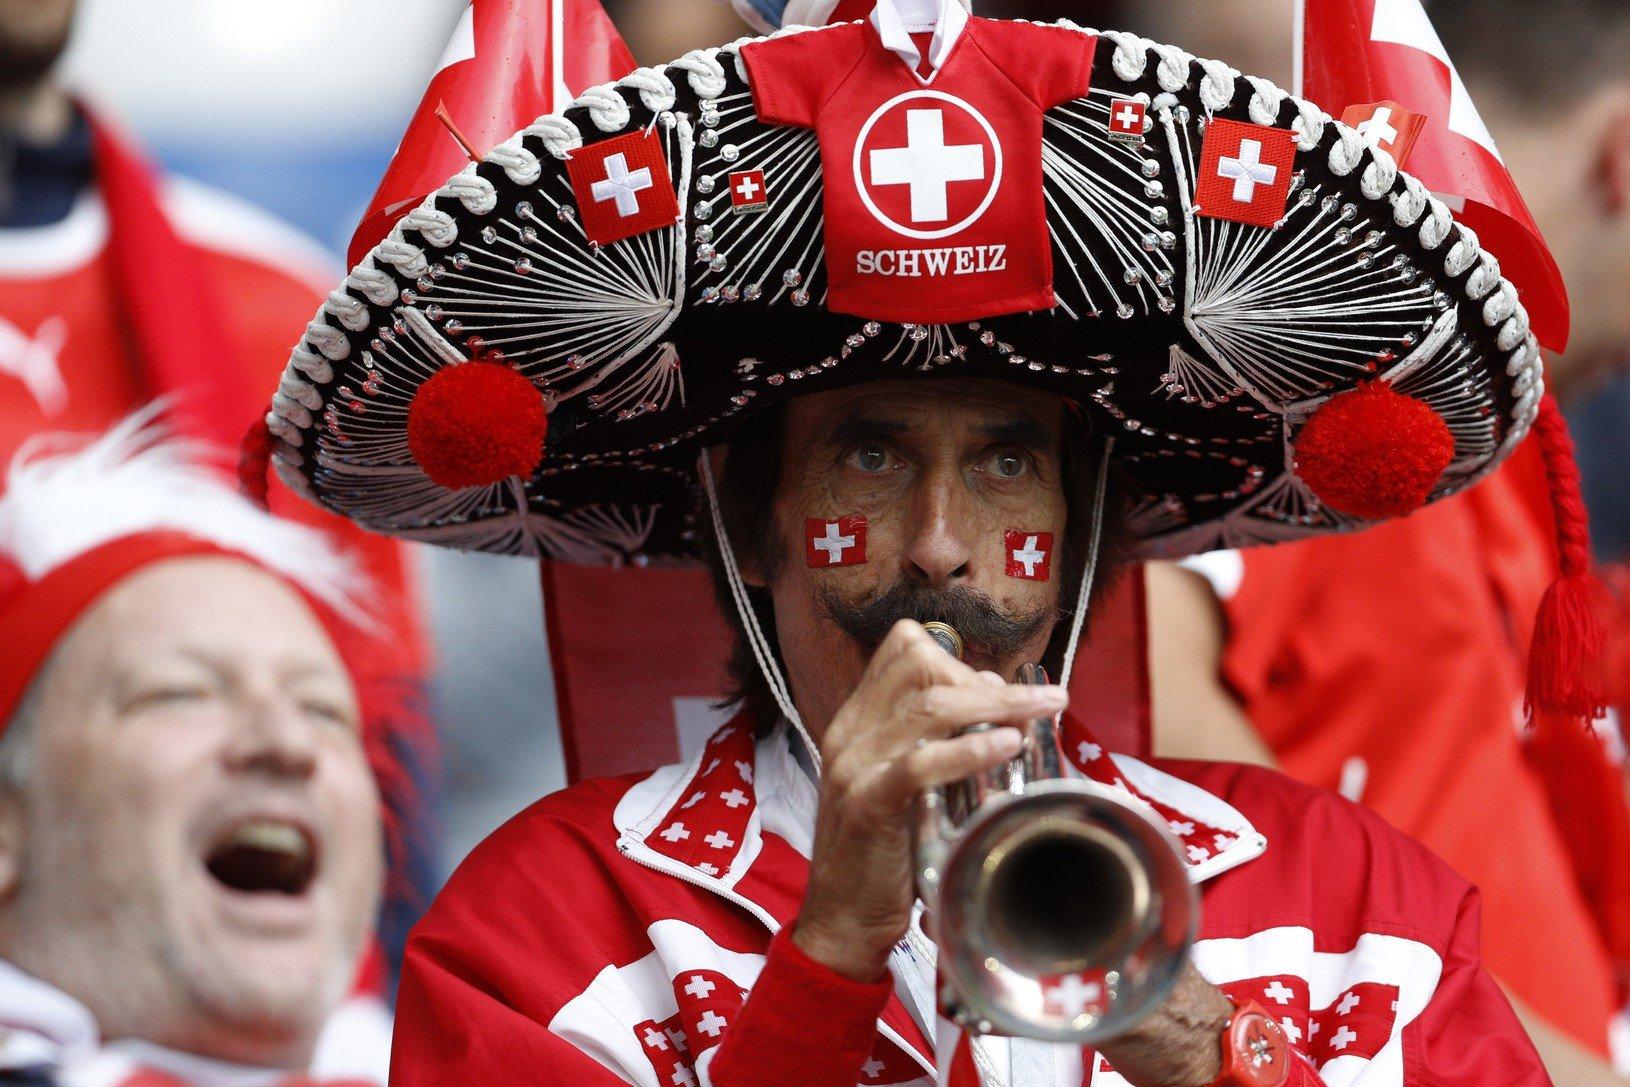 Oddaný fanúšik zo Švajčiarska